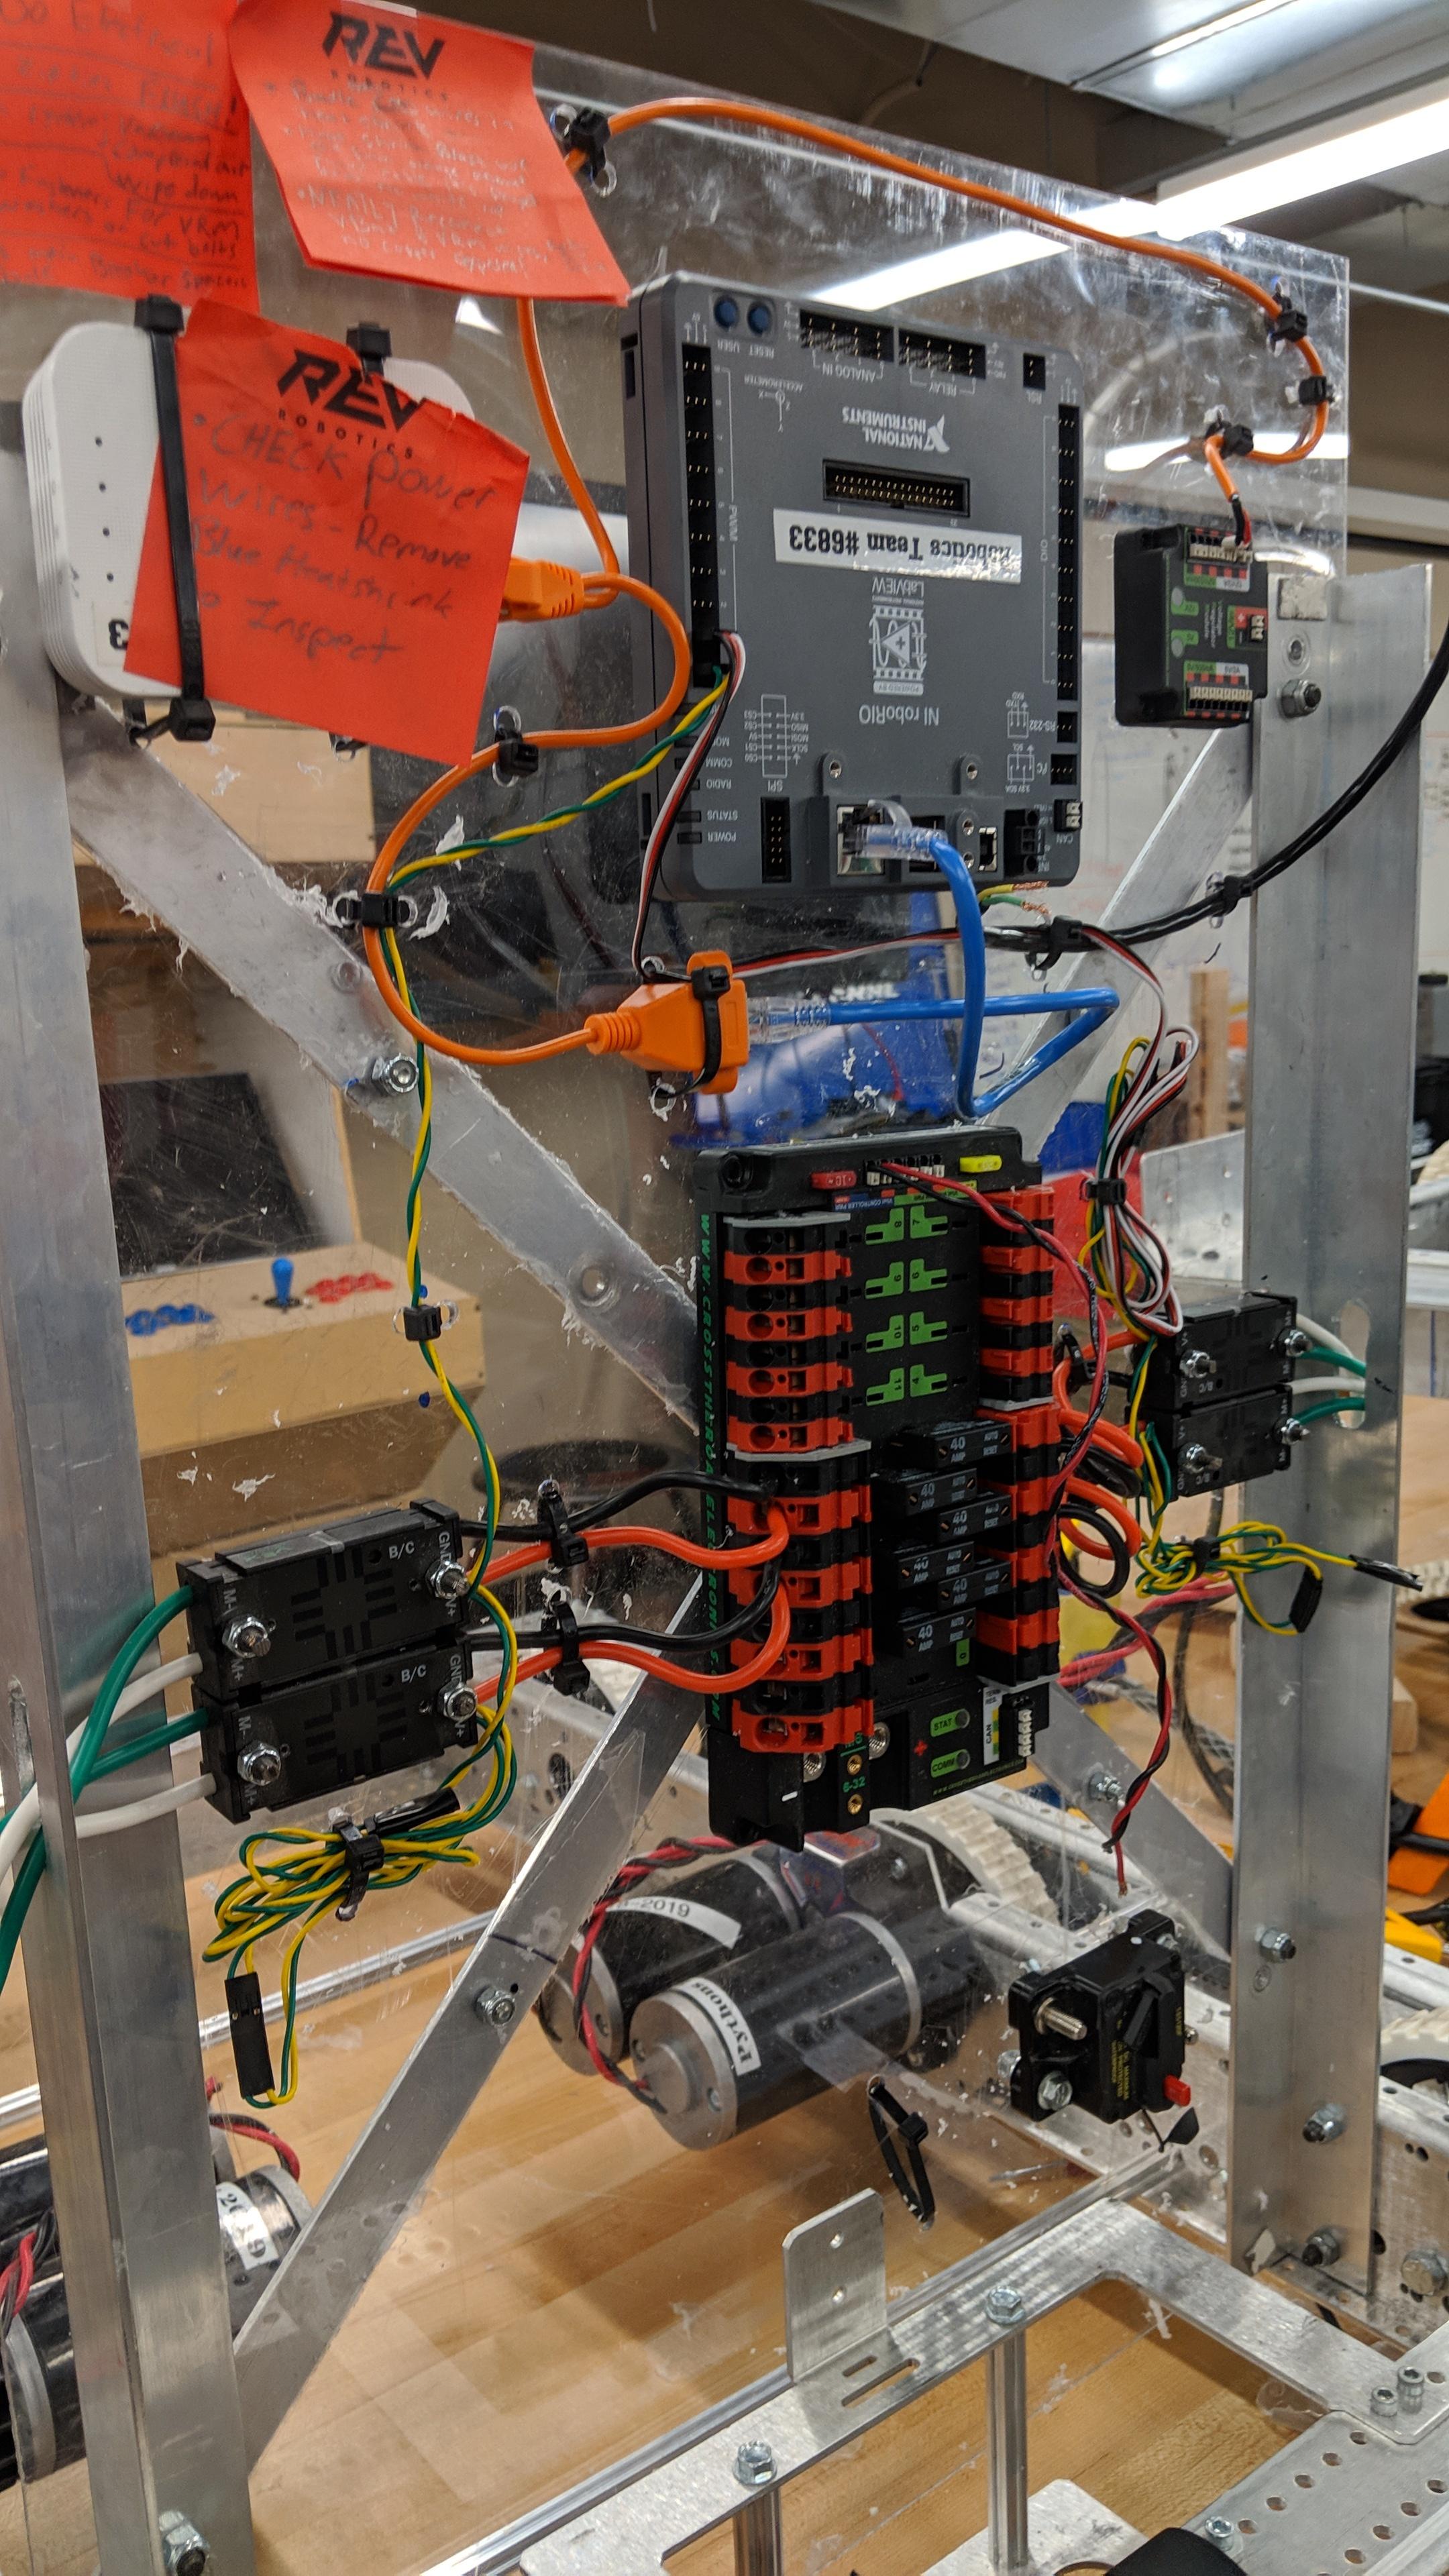 chassiswiring - Wilson Kelly.jpg